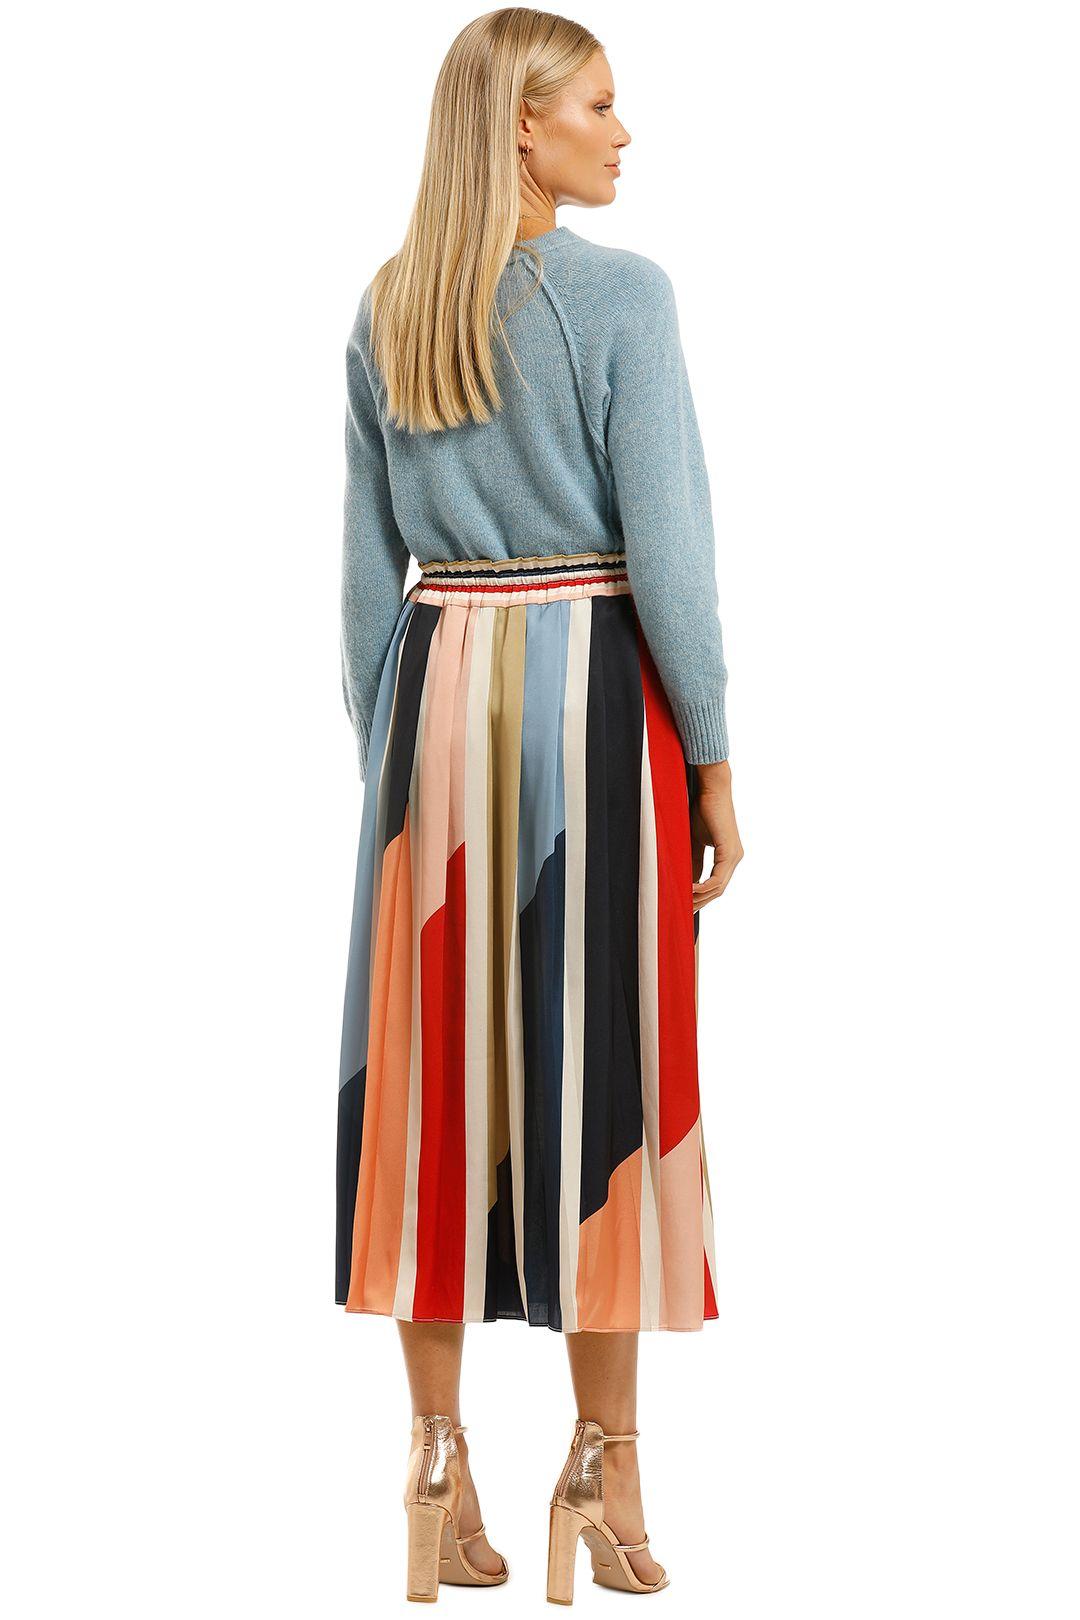 Cooper-St-Charlie-Pleated-Skirt-Print-Light-Back